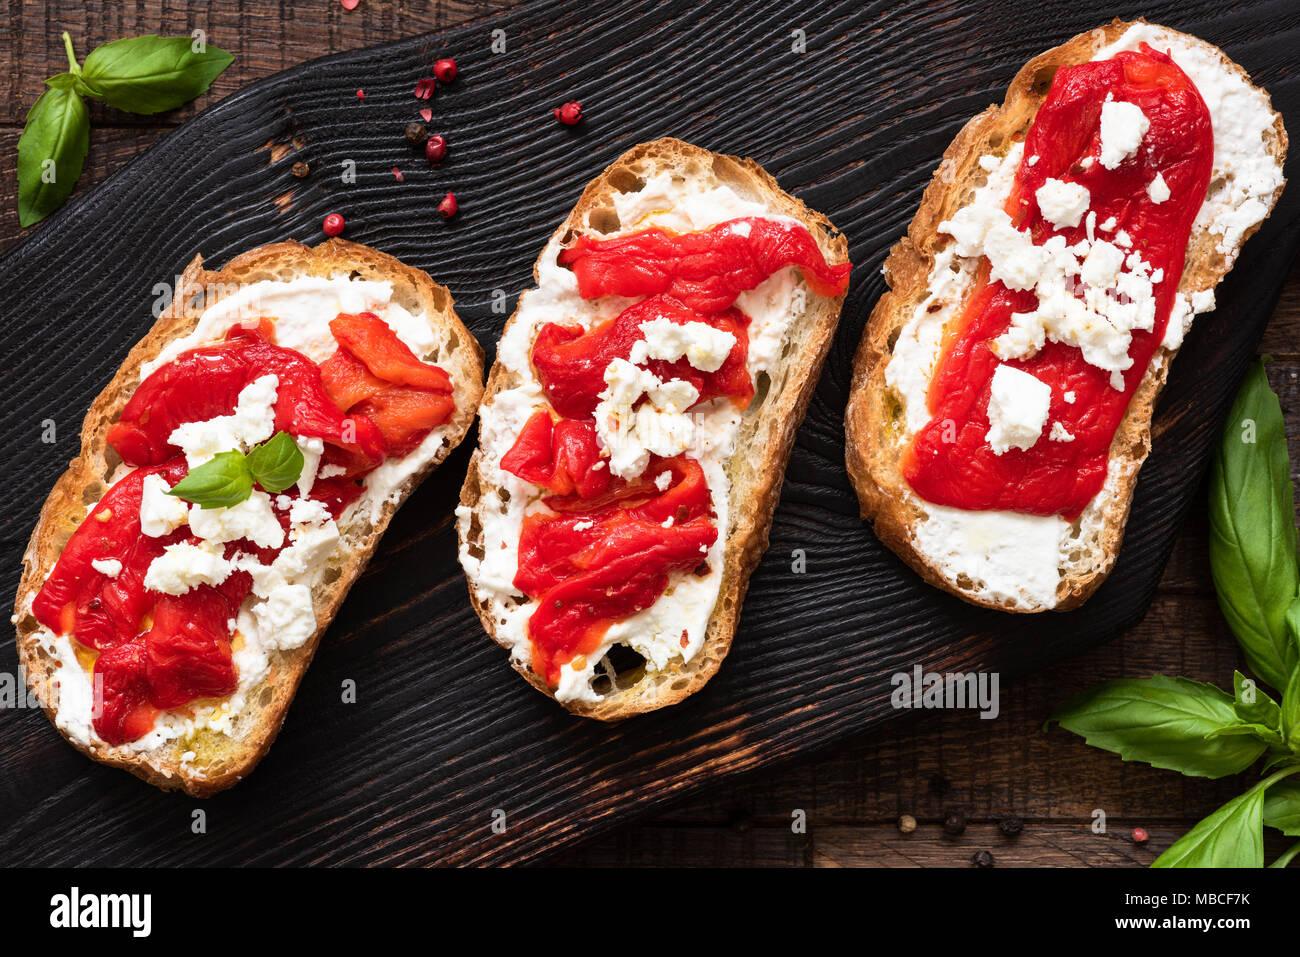 Avec Bruschetta au poivron rôti, fromage feta et d'huile d'olive sur la vieille planche à découper en bois, vue du dessus. La cuisine italienne apéritif, entrée ou antipasti Photo Stock